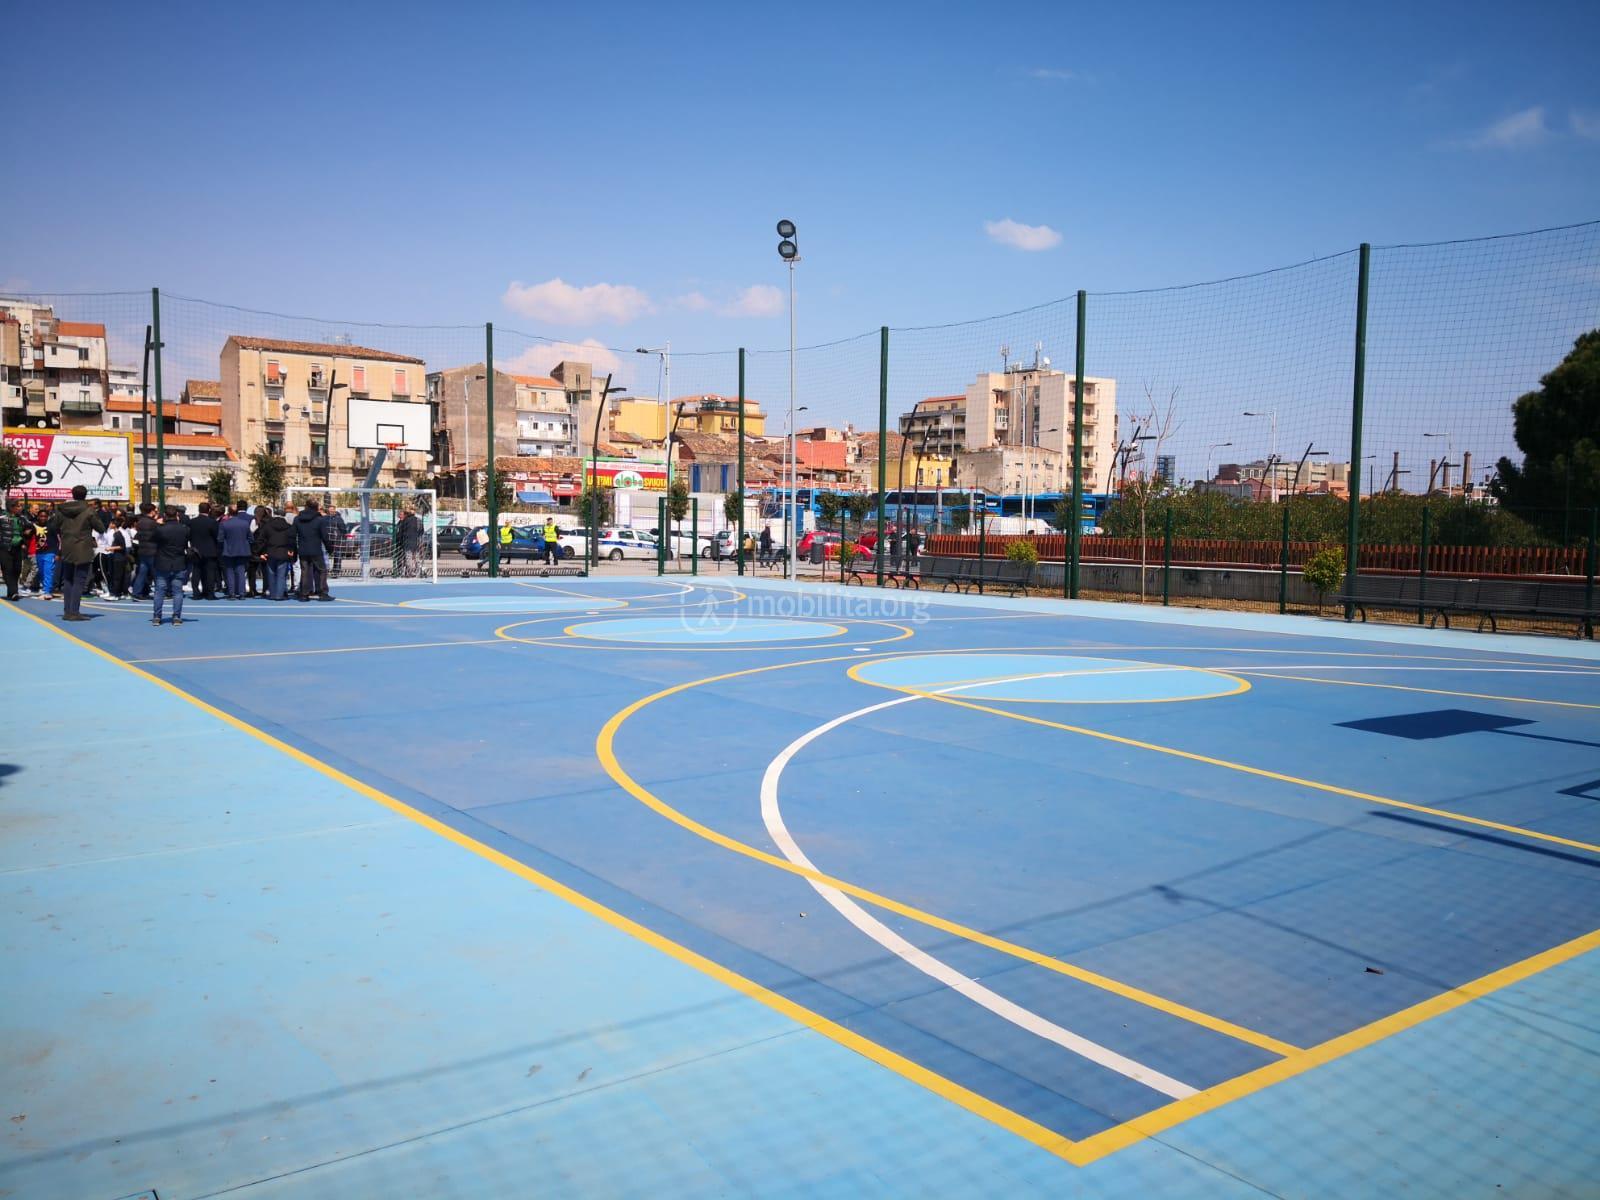 Il campetto polisportivo di C.so Martiri della Libertà (area vp6)